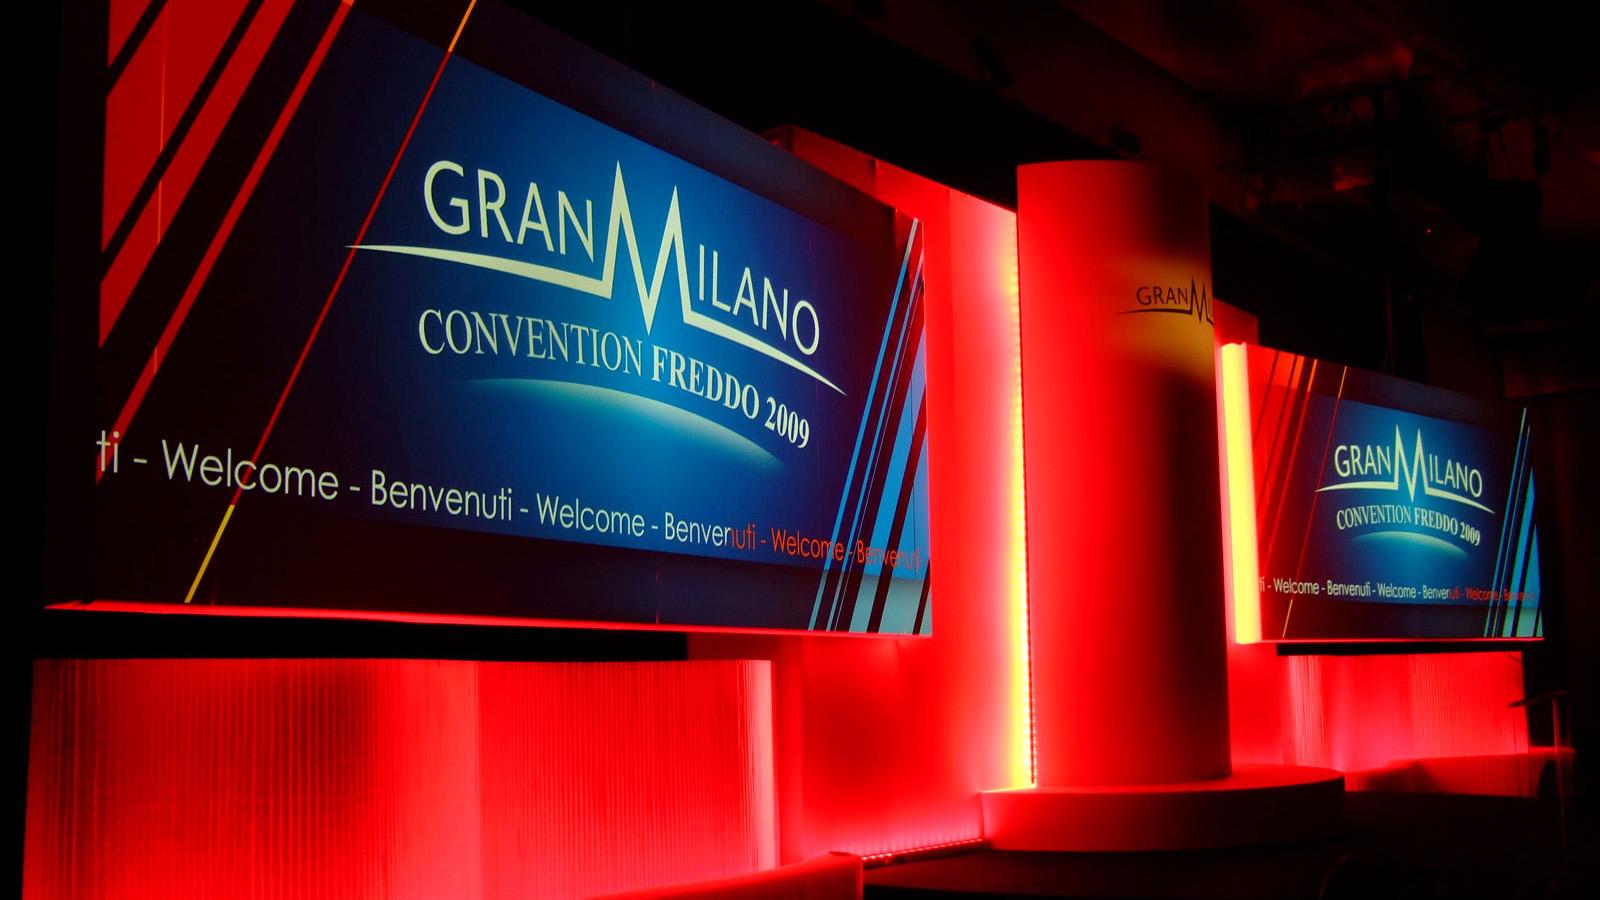 2009_GRANMILANO_convention1